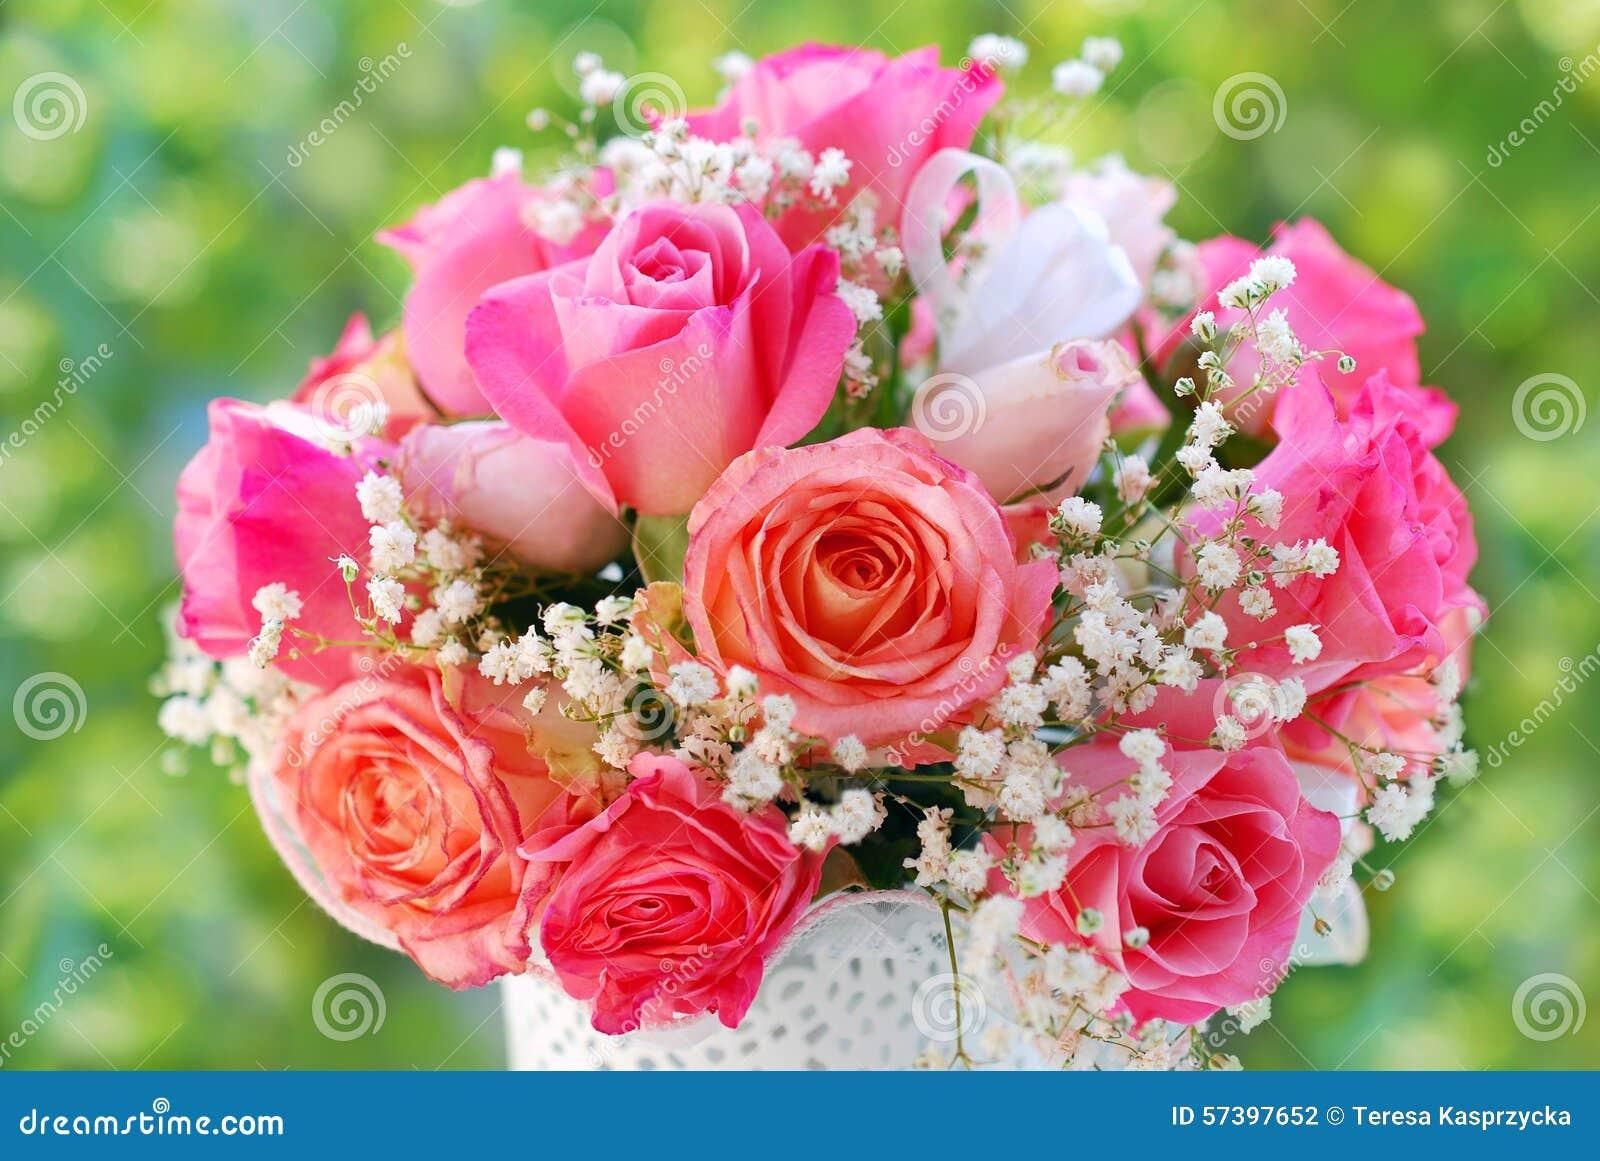 bouquet rose romantique pour pouser photo stock image 57397652. Black Bedroom Furniture Sets. Home Design Ideas